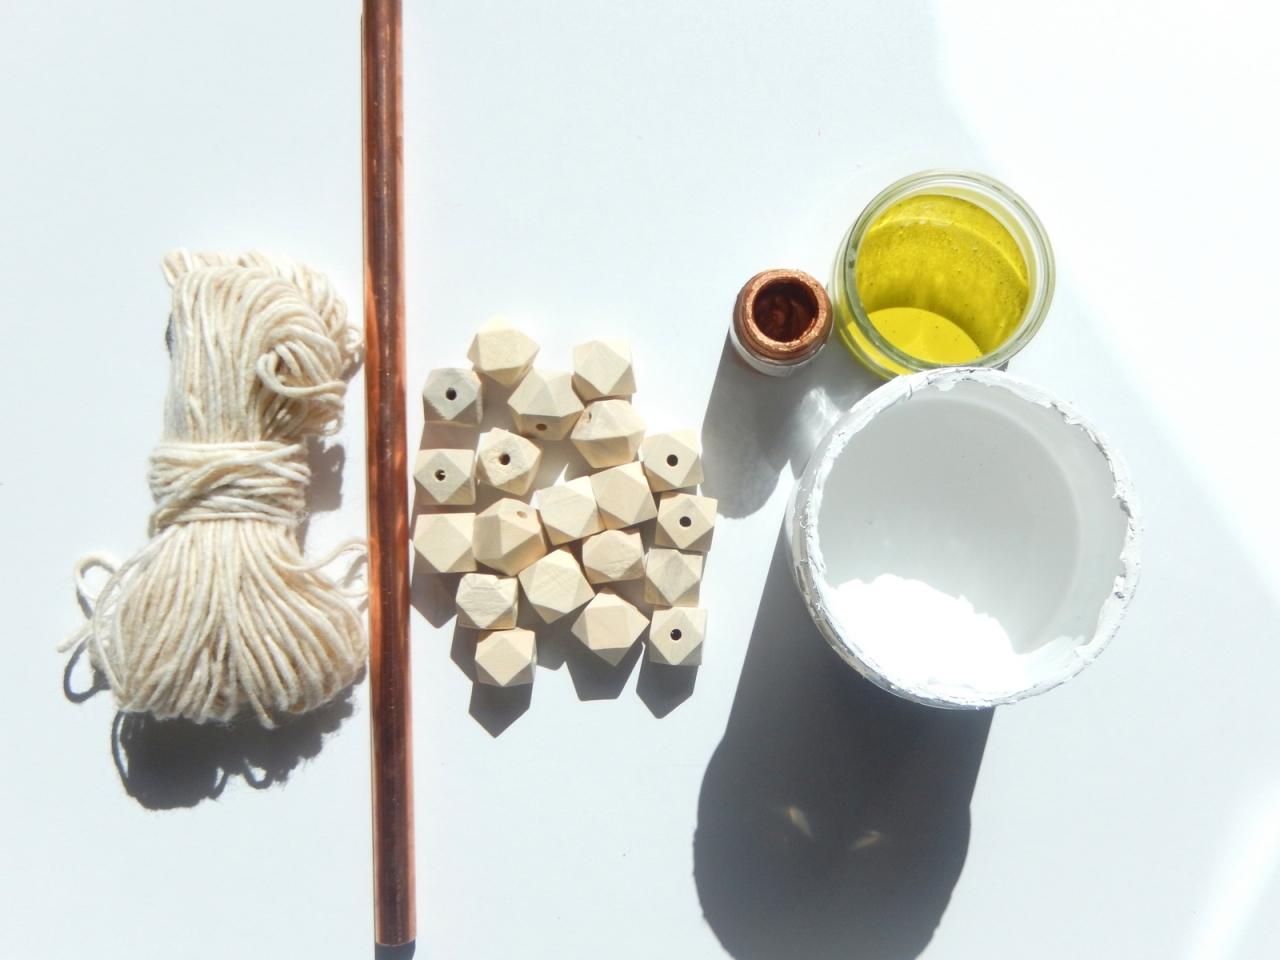 Fabriquer Un Porte Essuie Tout pimp my kitchen : diy un porte essuie-tout en cuivre. - blog